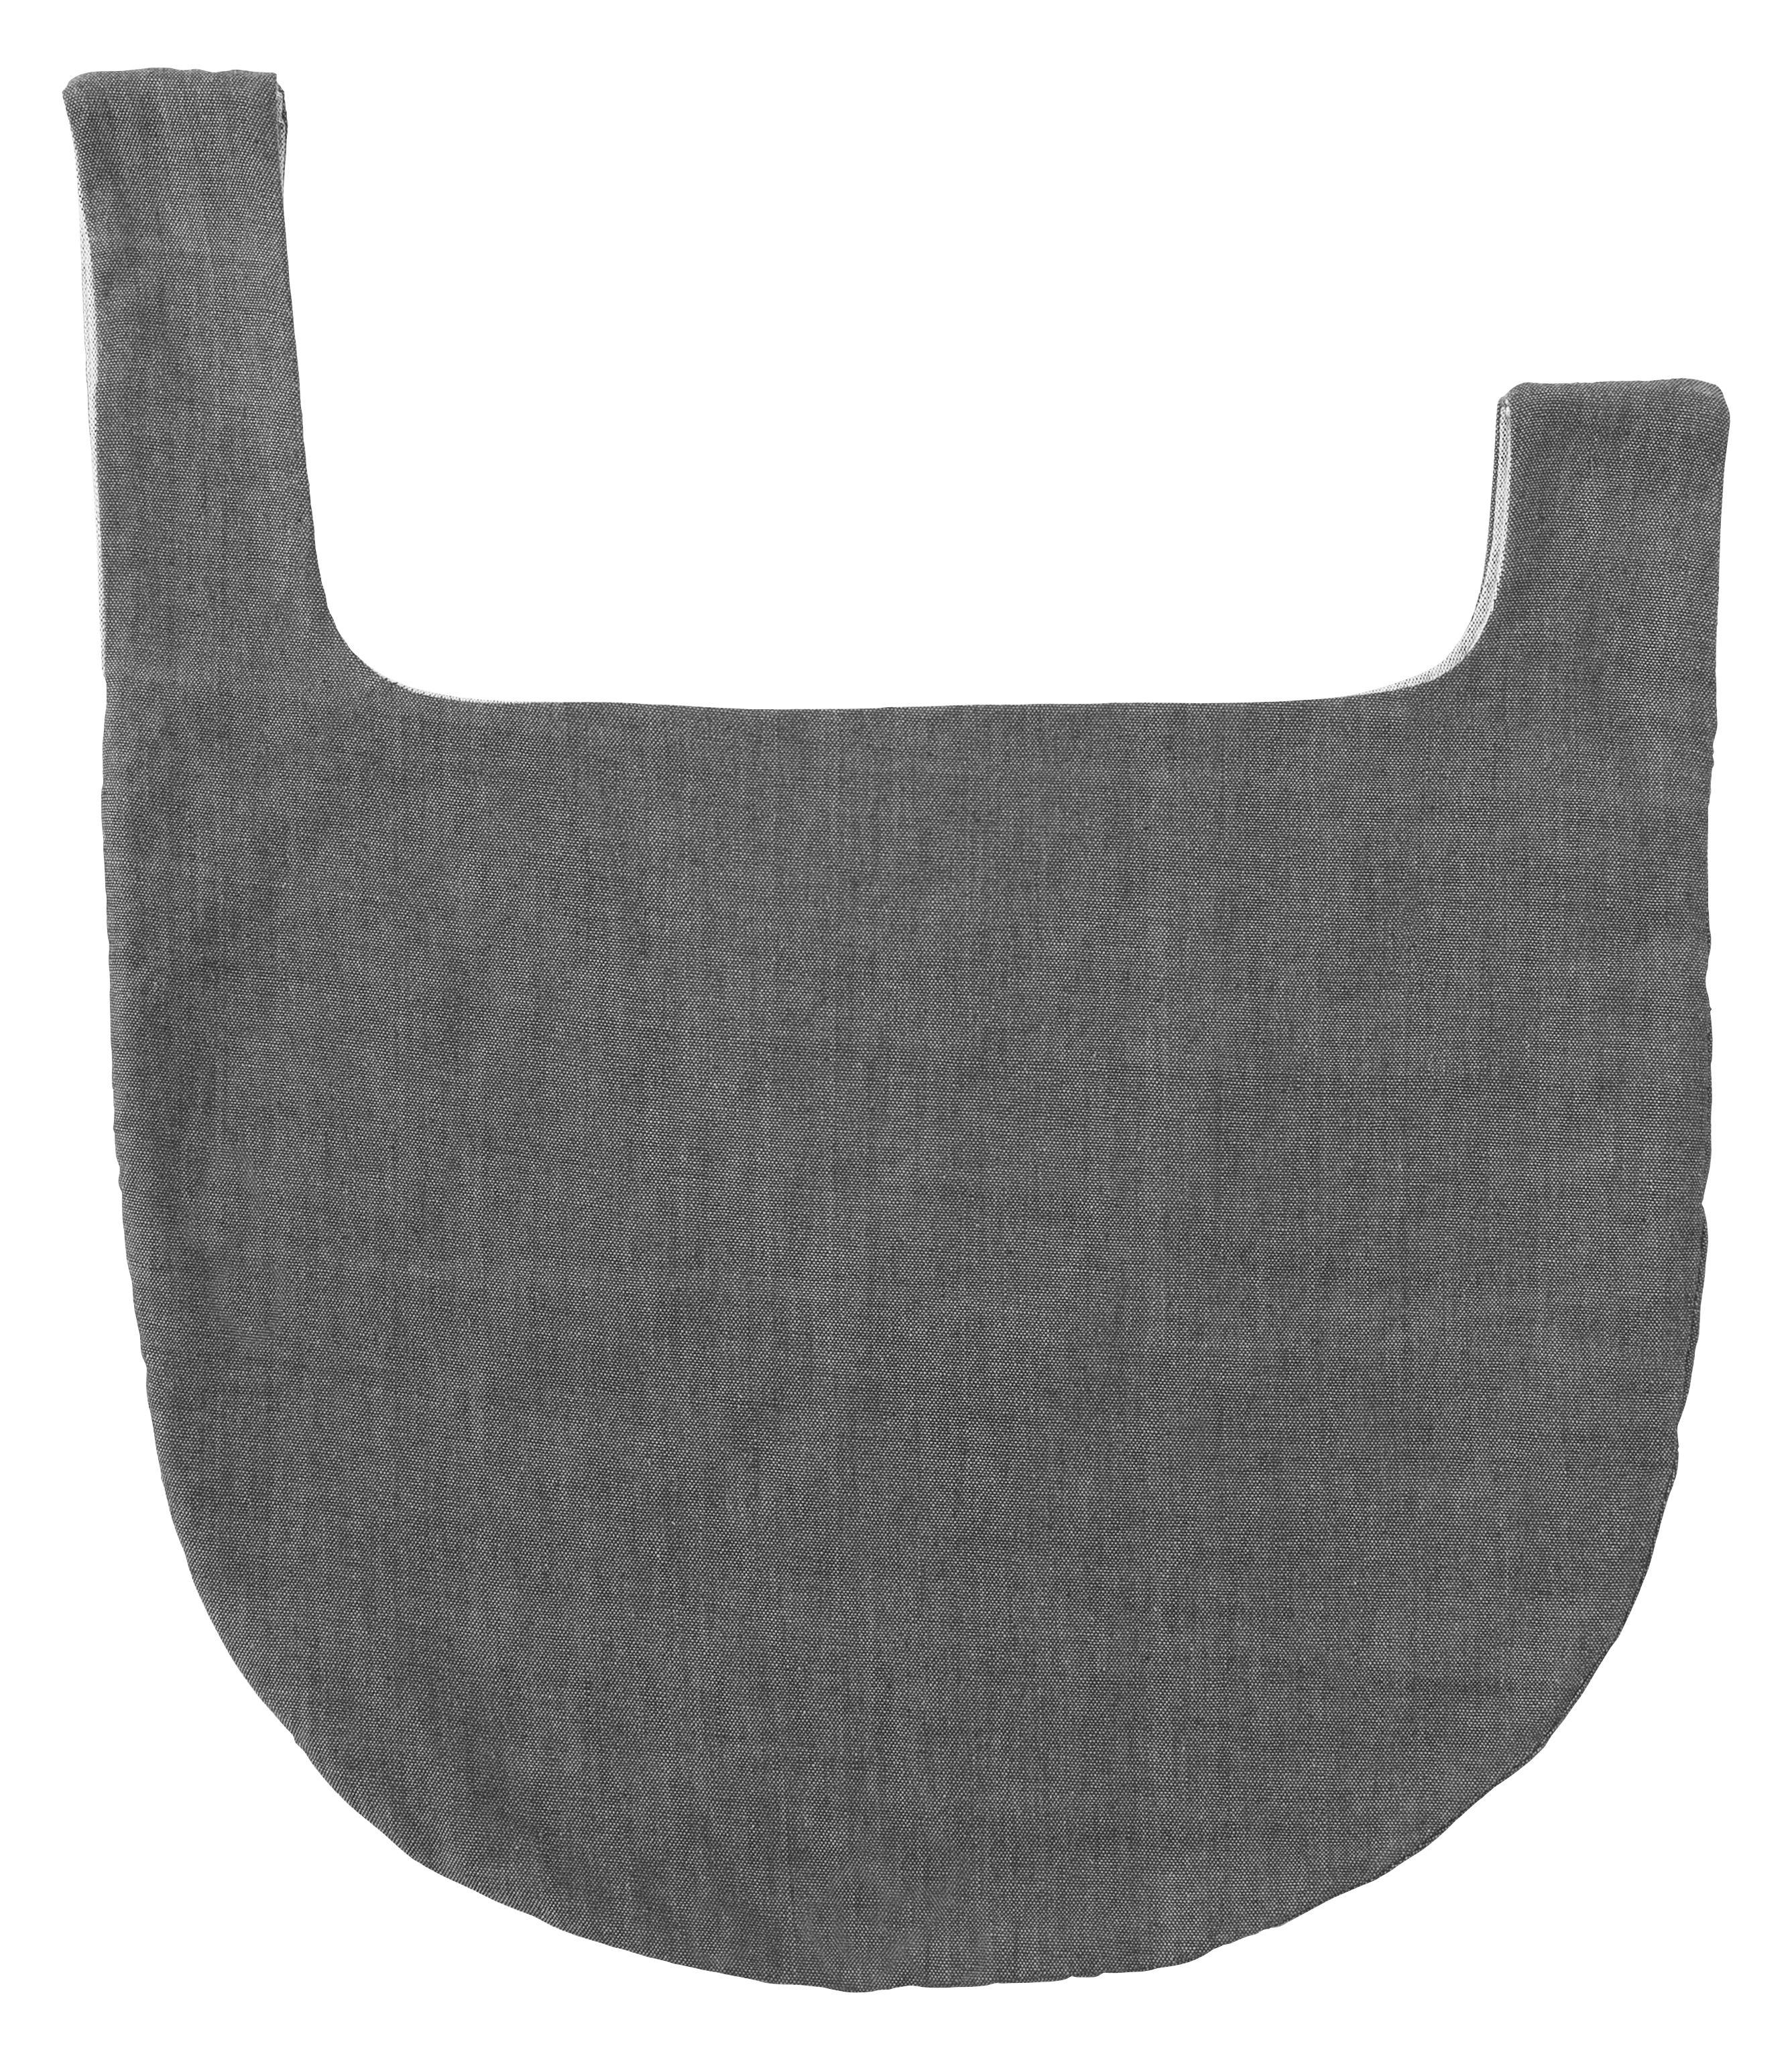 Accessori moda - Borse, Valigie e Portafogli - Borsa Knot Bag / Cotone - Tessuto a mano in Nepal - Menu - Grigio - Cotone